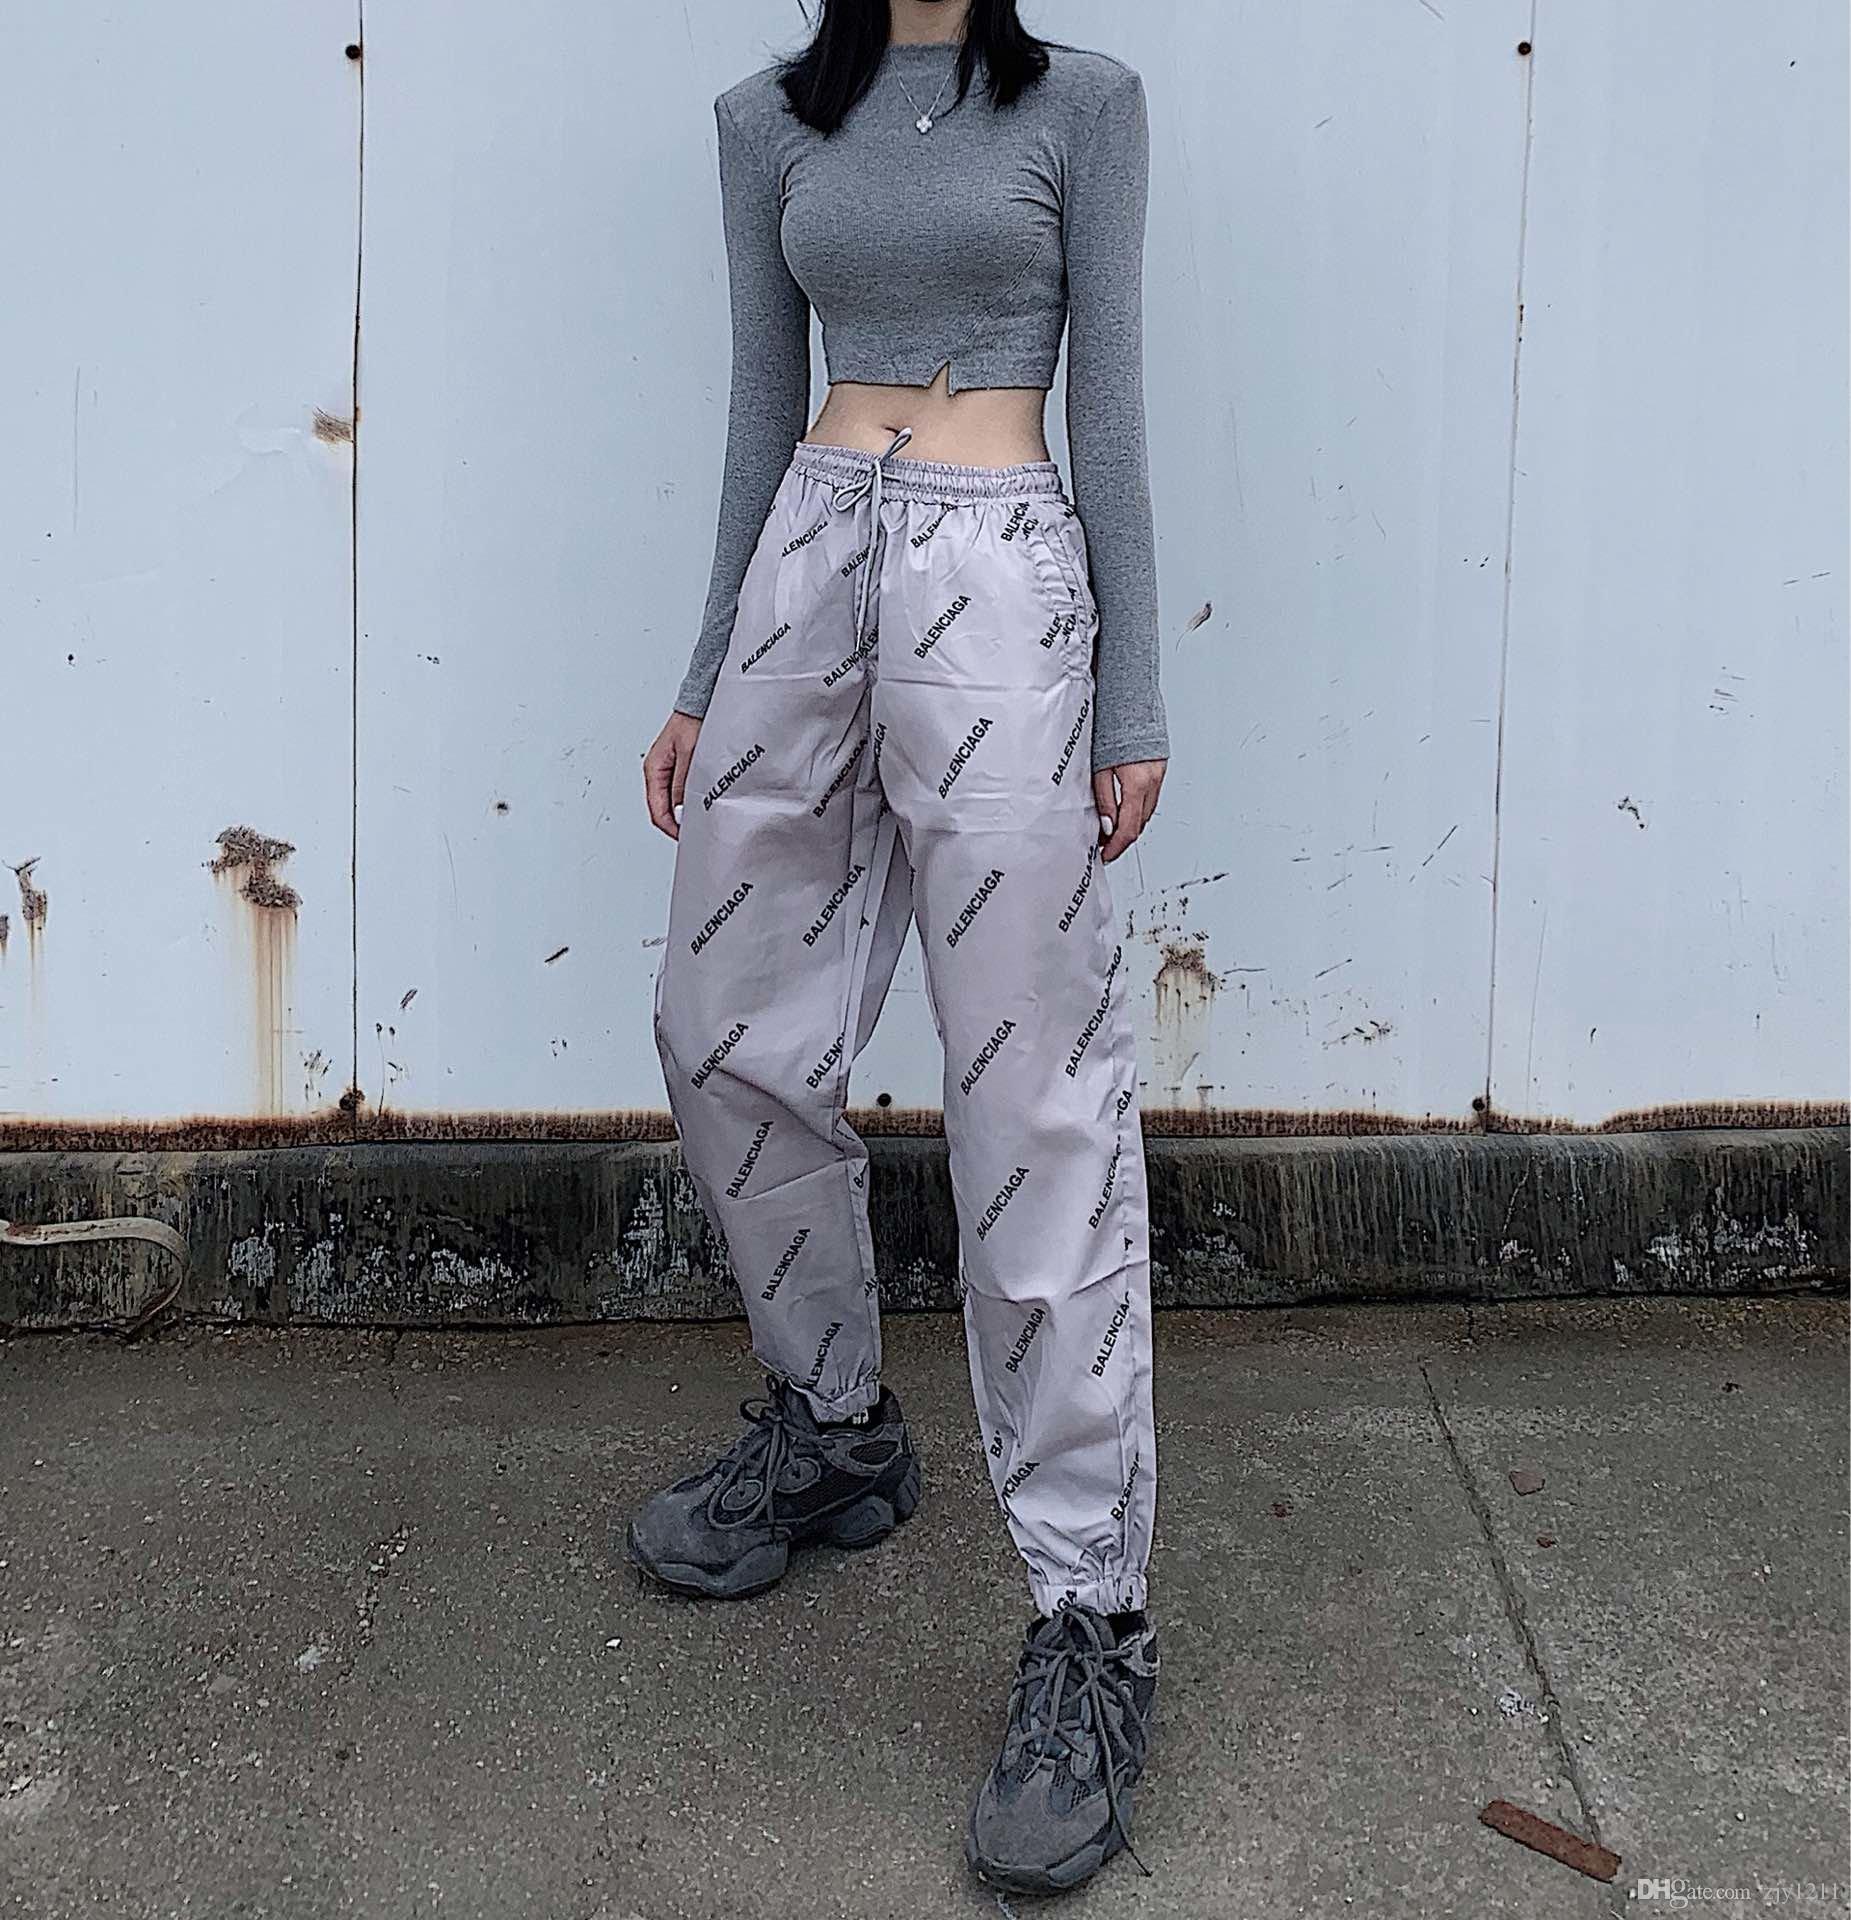 20SS женщины мужчина роскошных классических модные дизайнерские брюки удобного высокого качества Колющих стороны Издание идеально подходит стороне шить клетчатые штаны